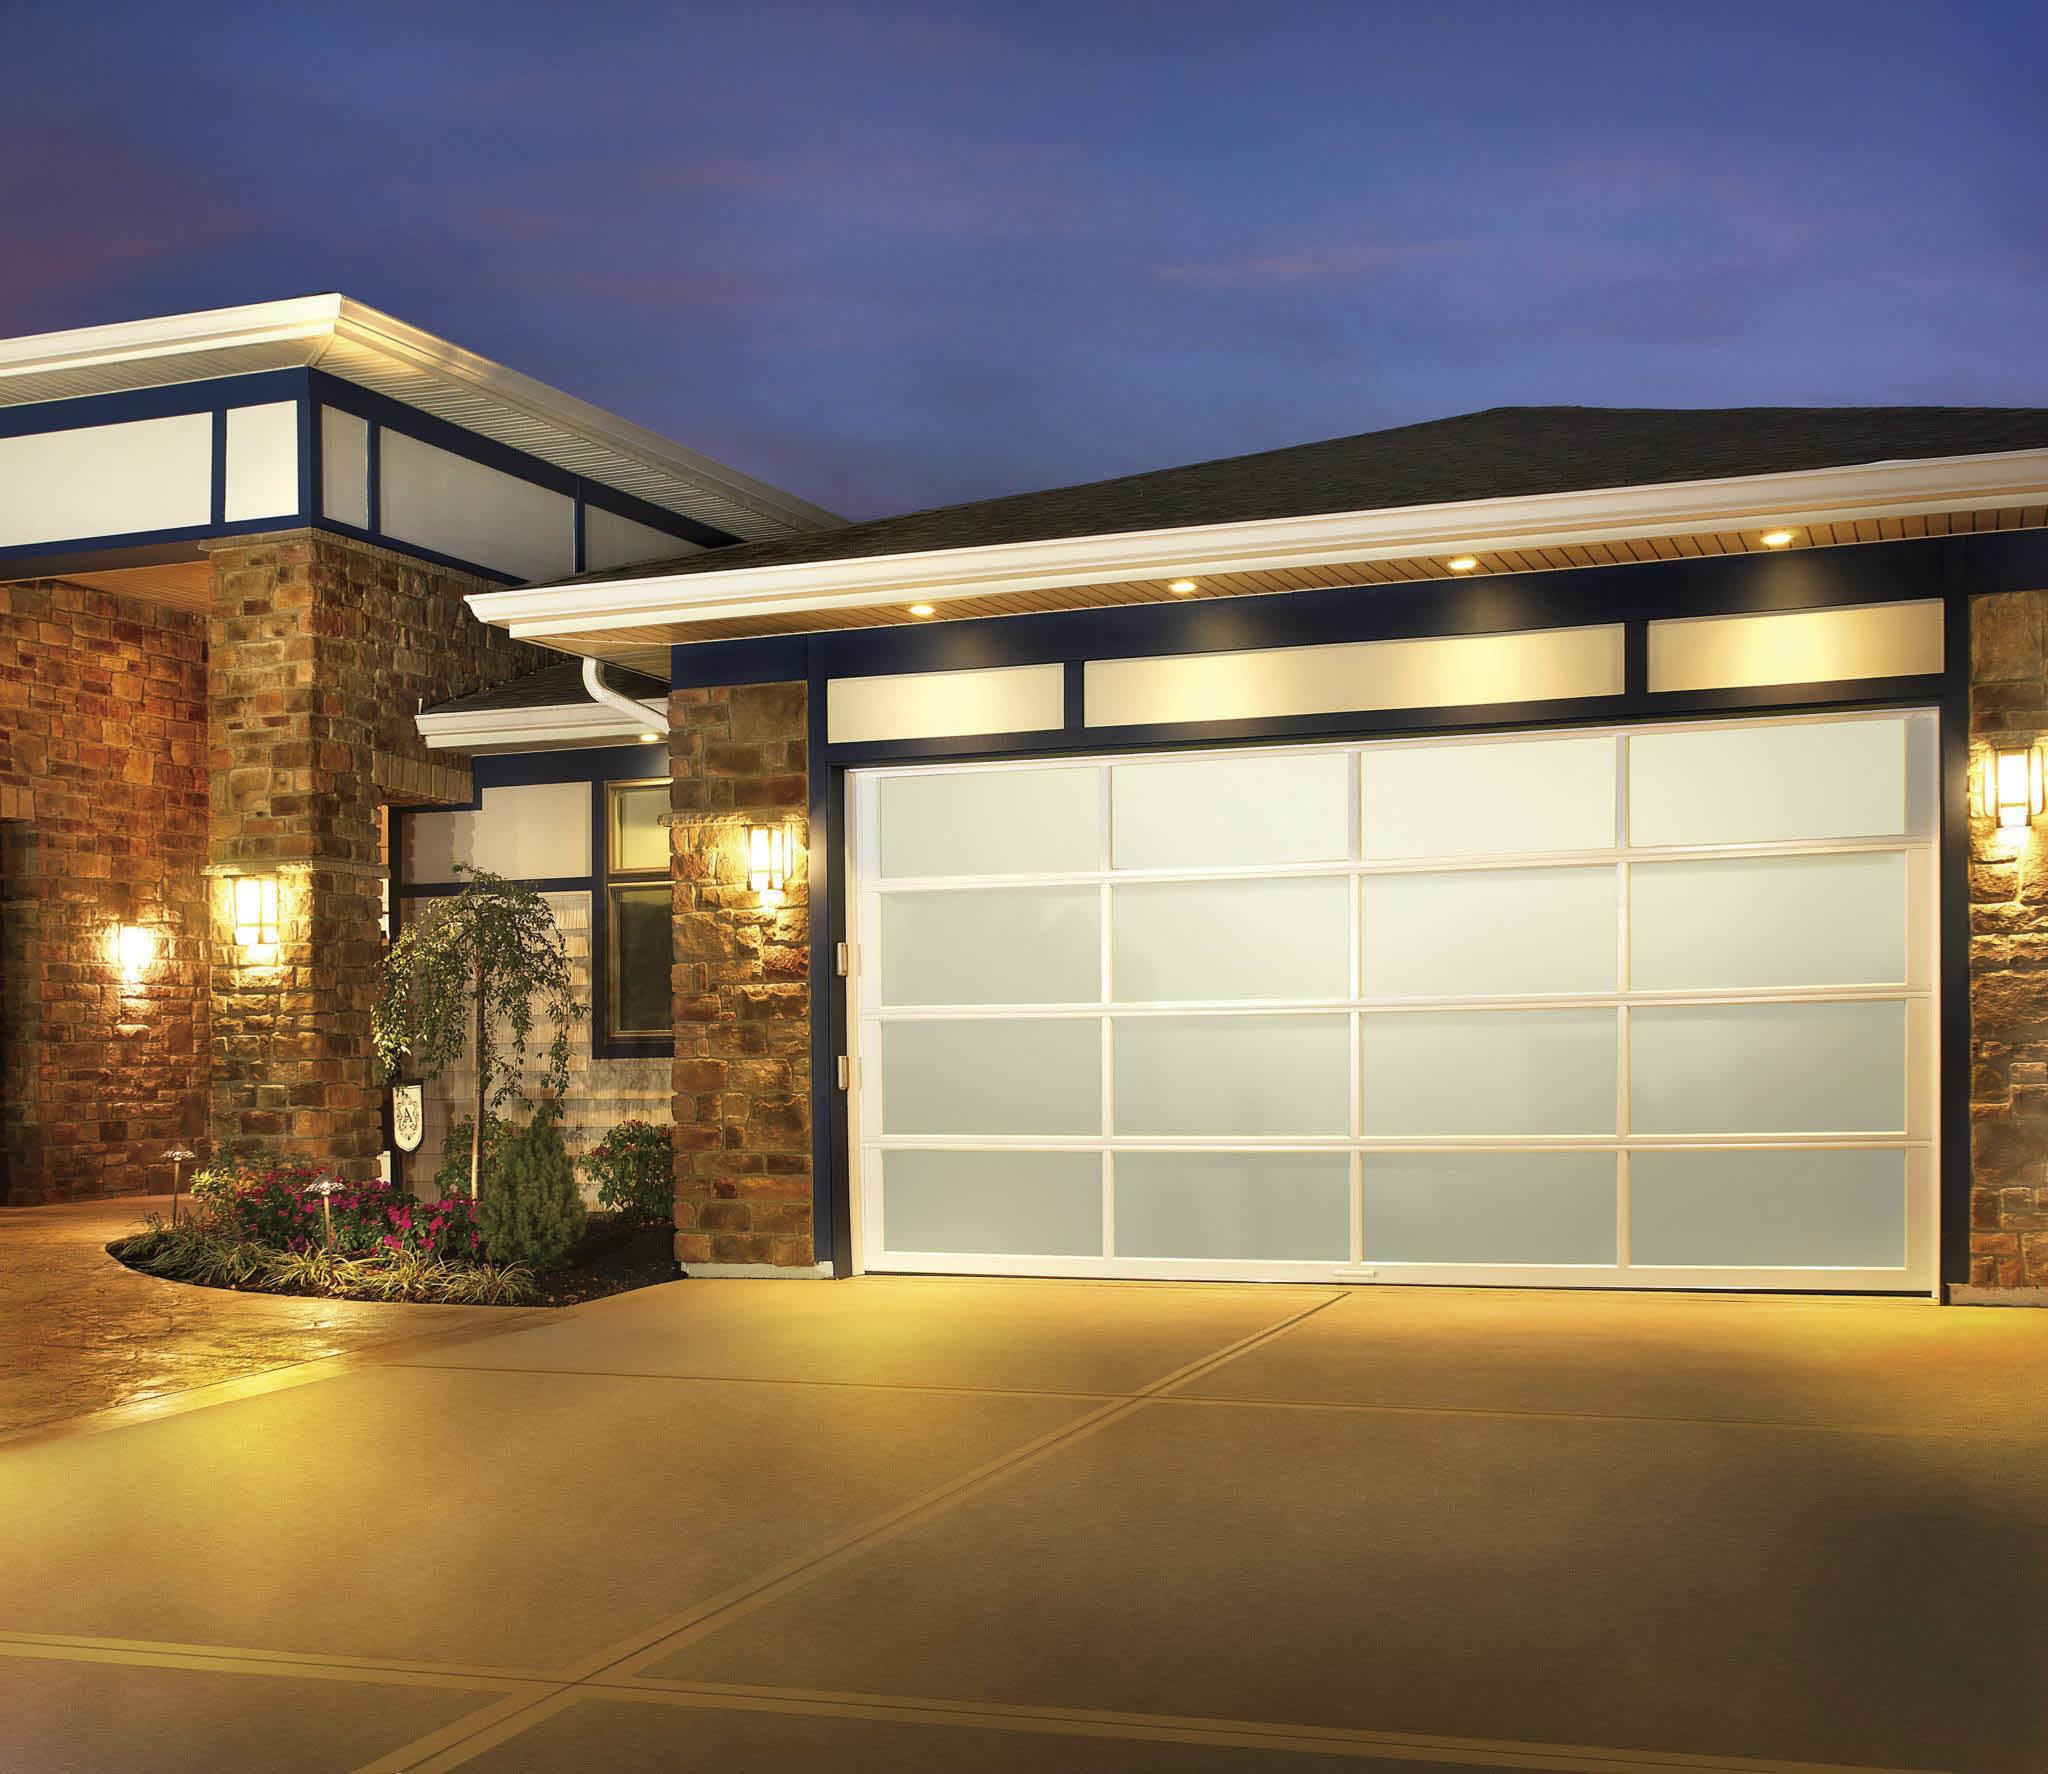 Master craft garage door service llc local coupons for Garage door service